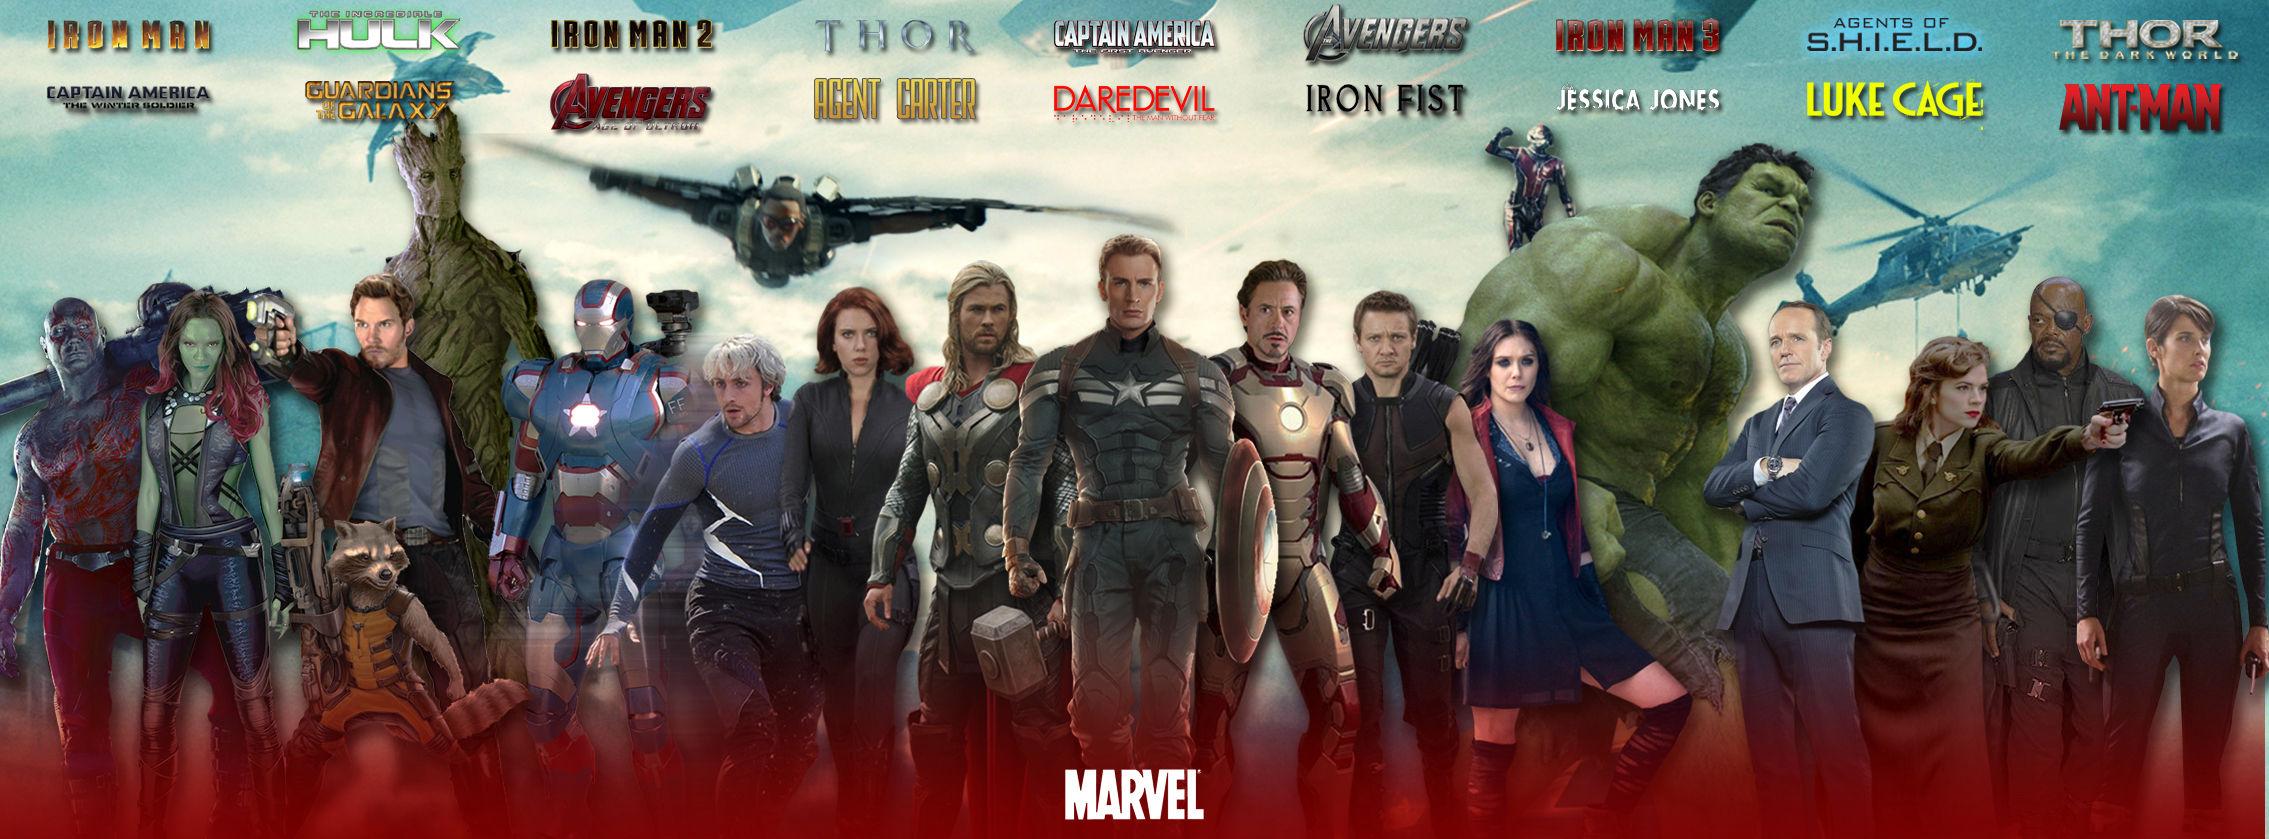 Avengers Marvel filmy